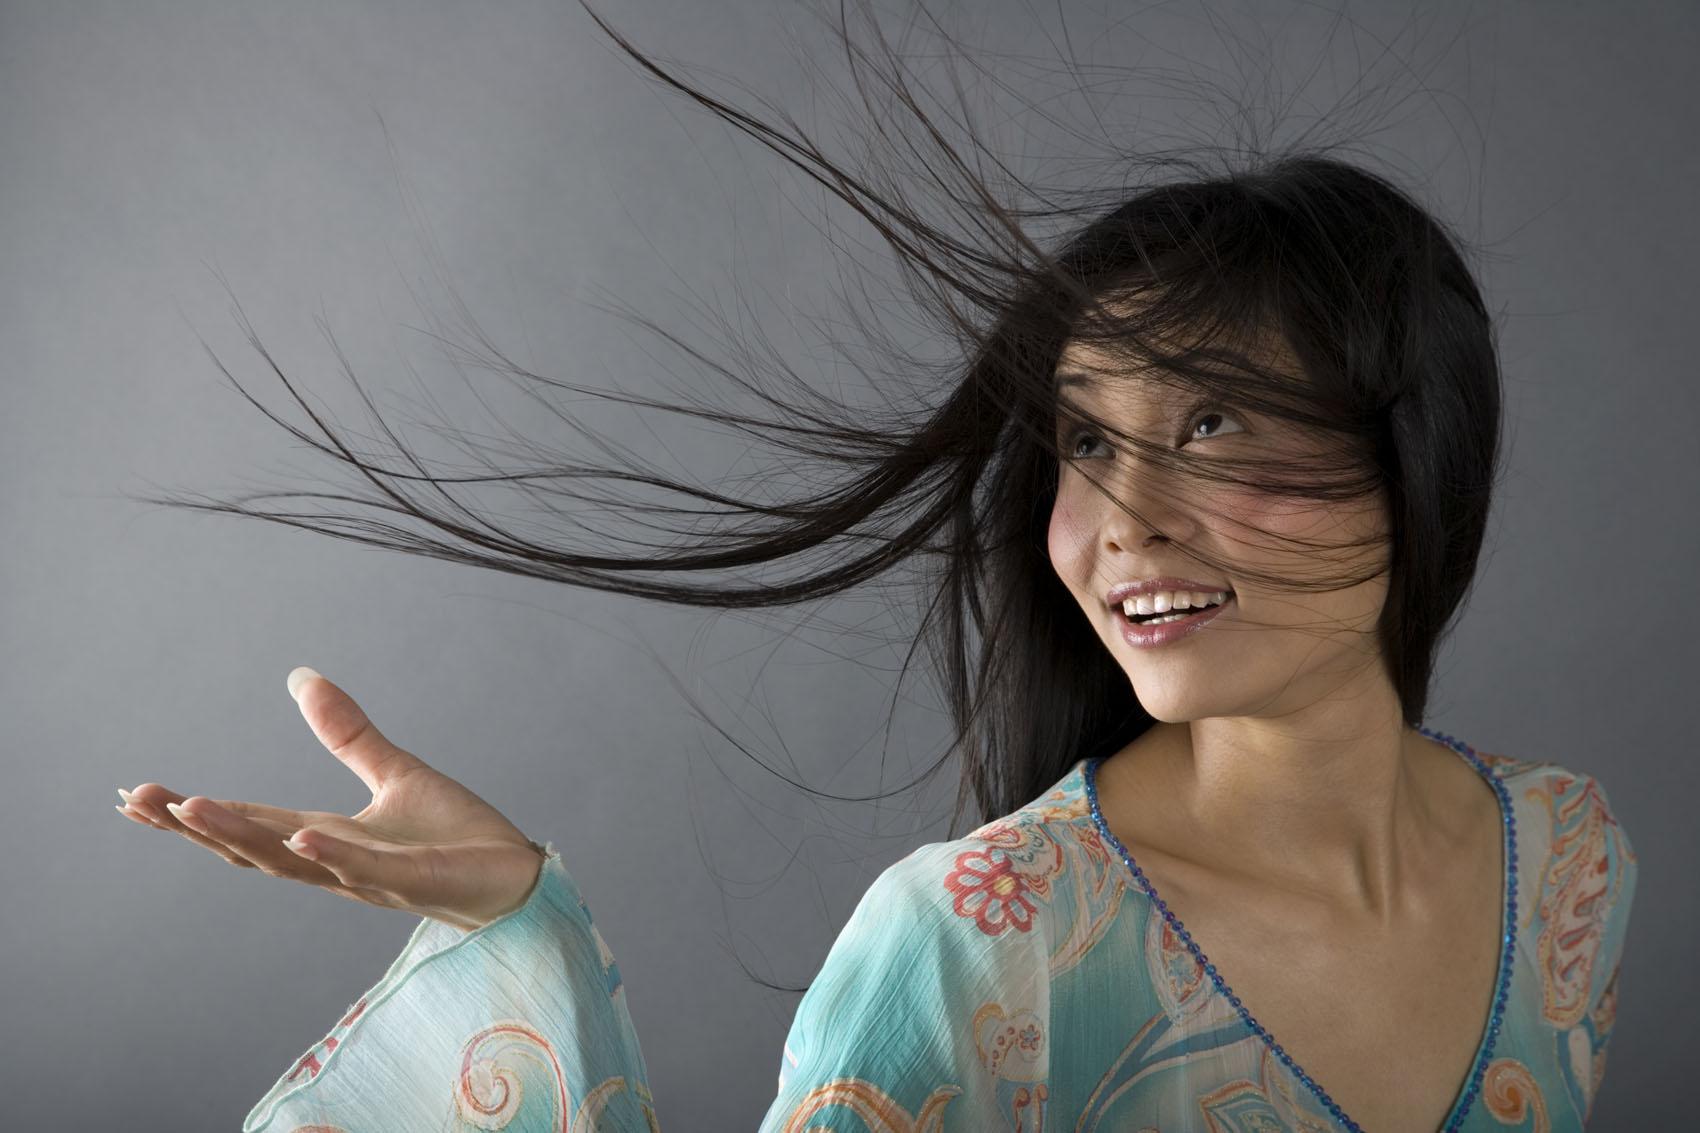 official photos 9264e d5882 Rituali dal mondo per avere capelli da favola - Starbene